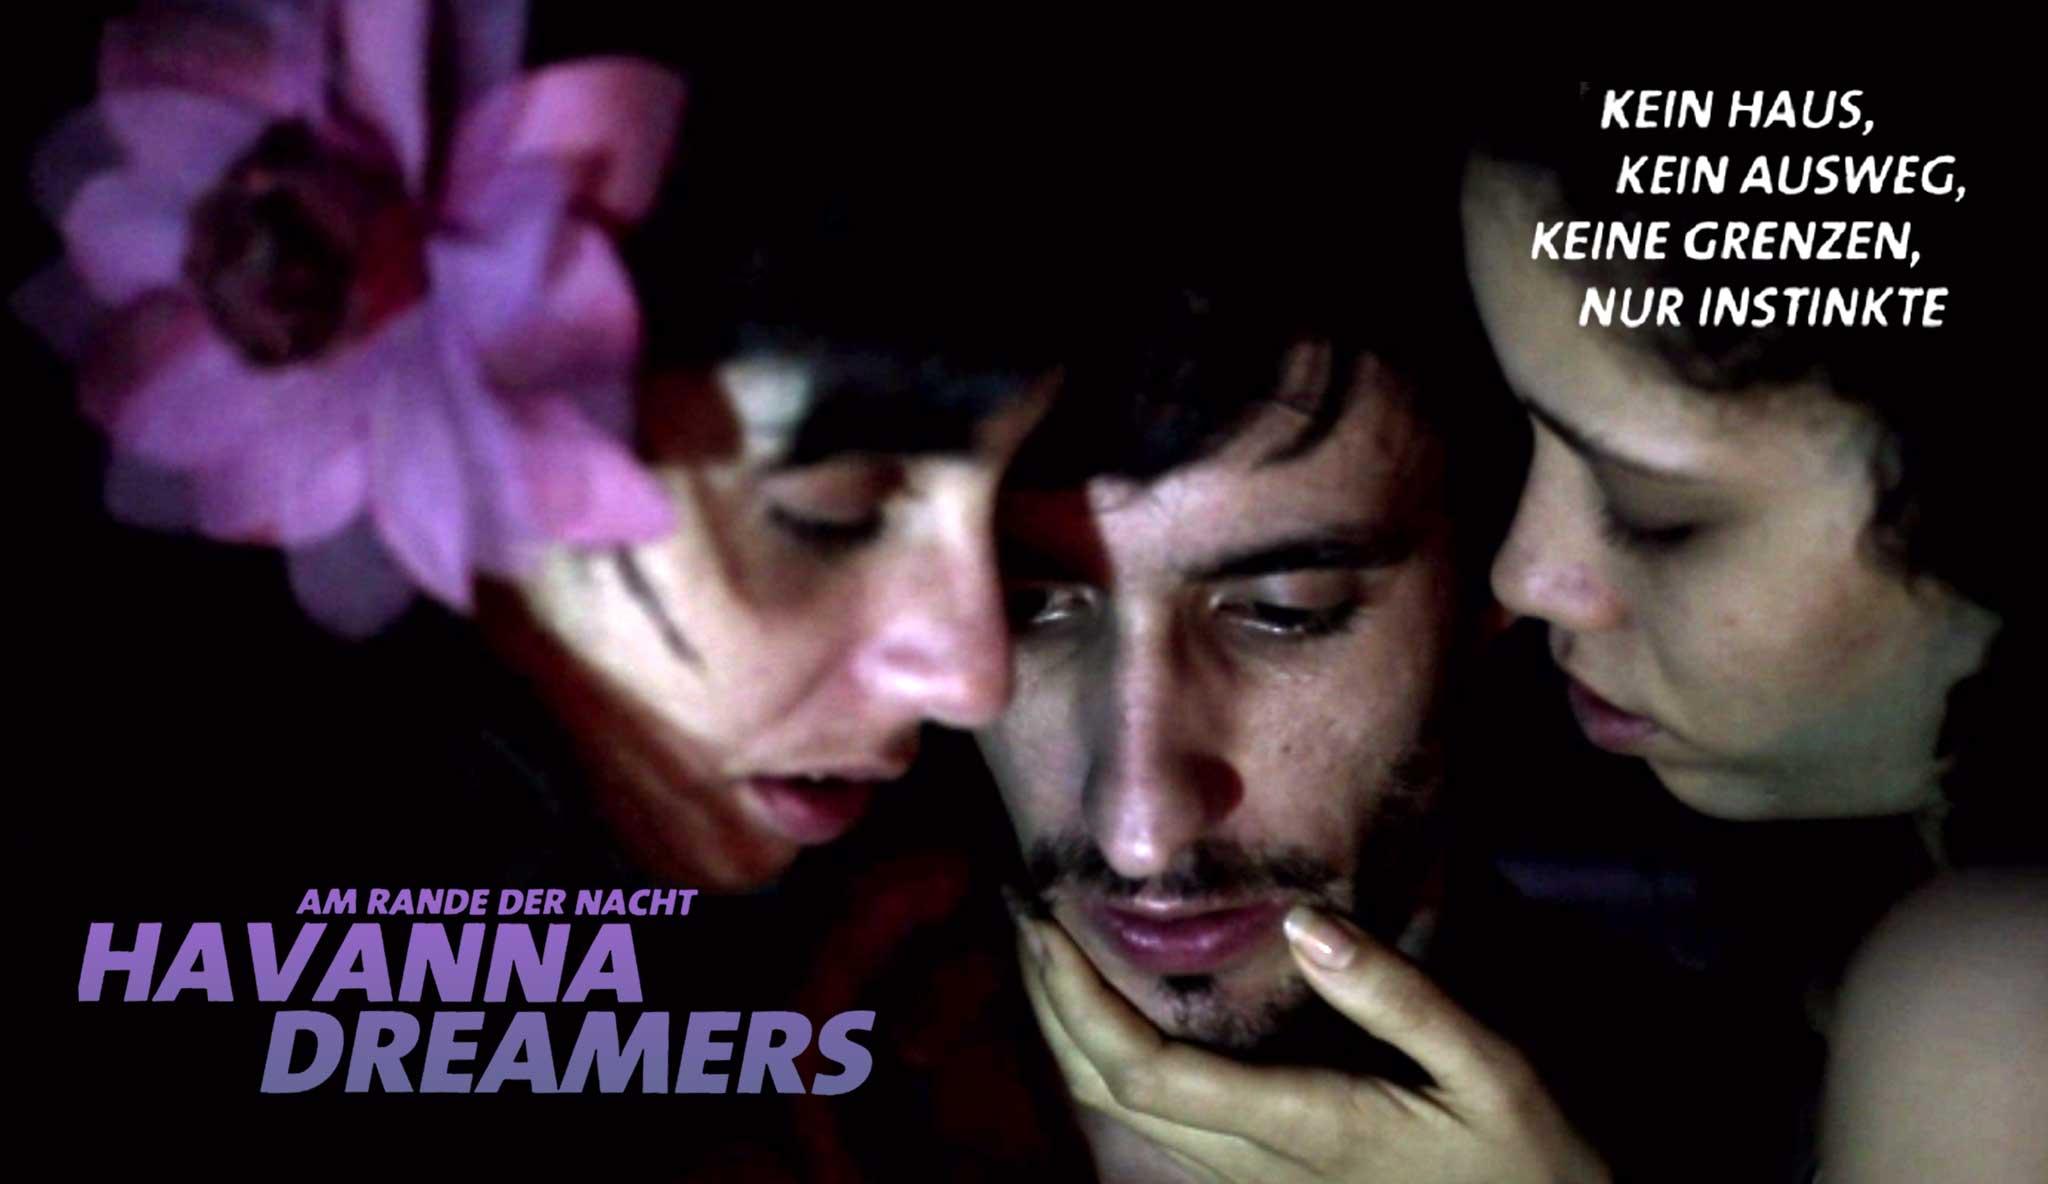 havanna-dreamers-am-rande-der-nacht\header.jpg